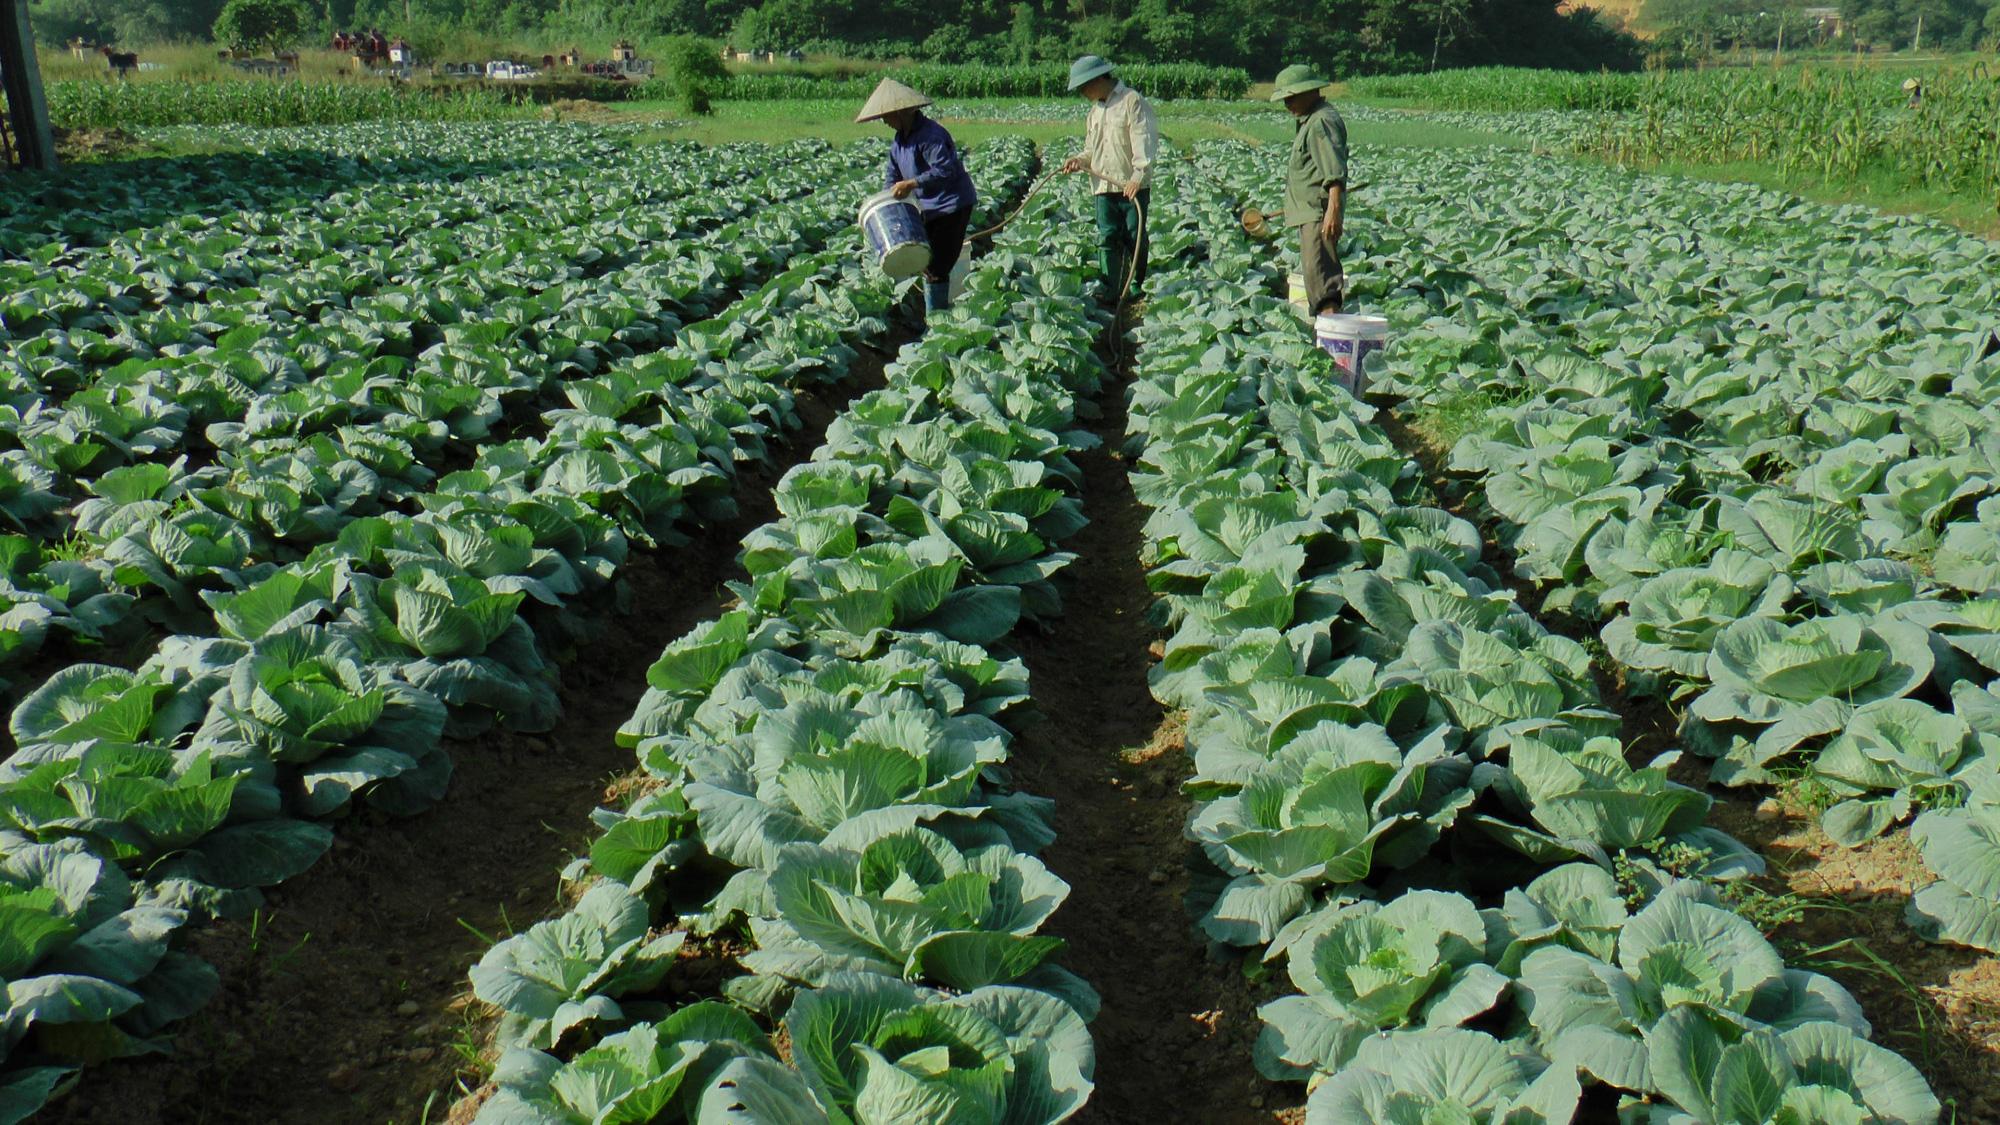 Trung Quốc lũ lụt, nguy cơ thiếu hụt nông sản, Việt Nam tăng tốc sản xuất vụ đông để xuất khẩu - Ảnh 1.